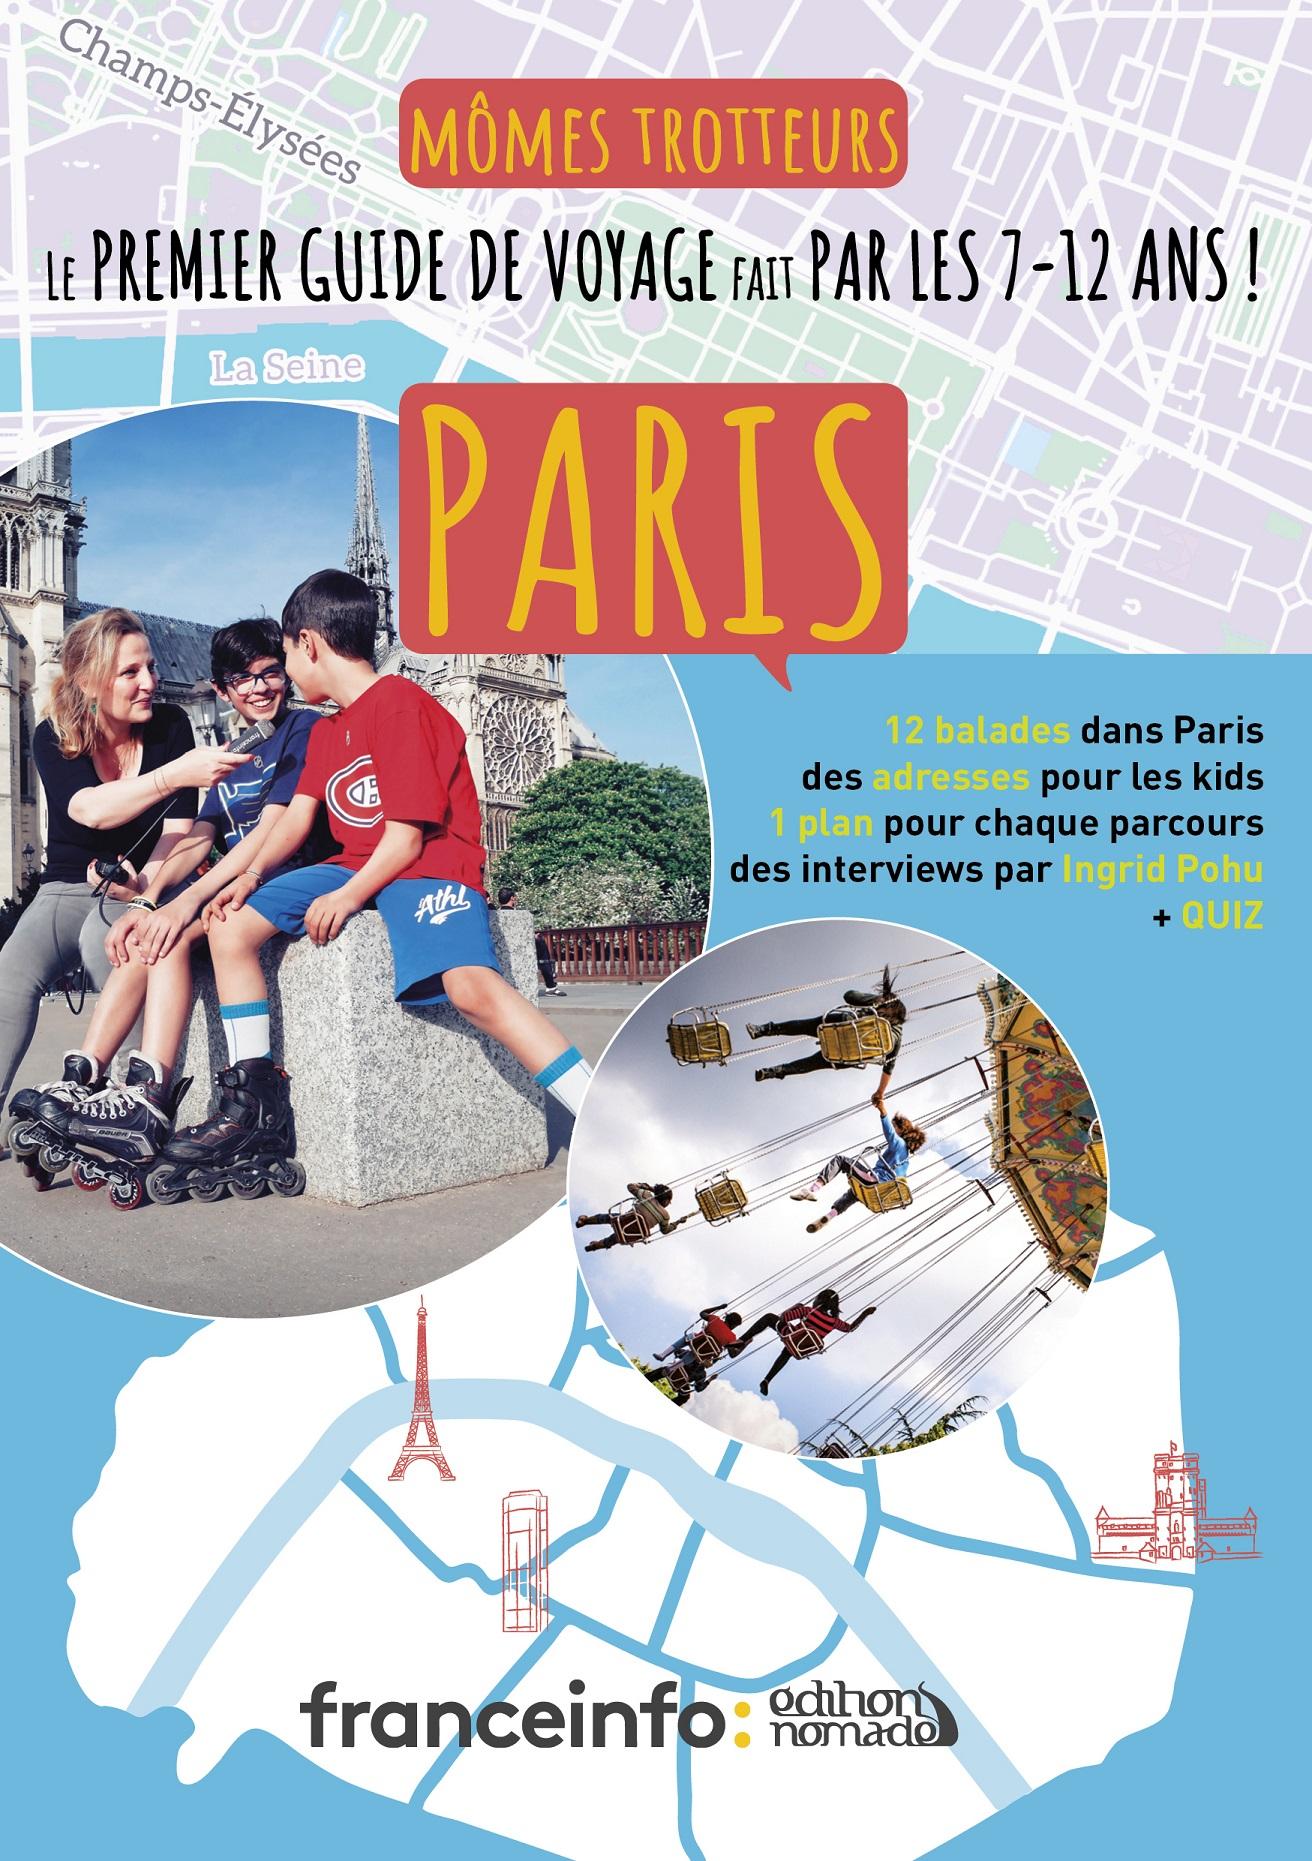 Un week-end en famille à Paris ? Laissez-vous guider par les Mômes Trotteurs - 3